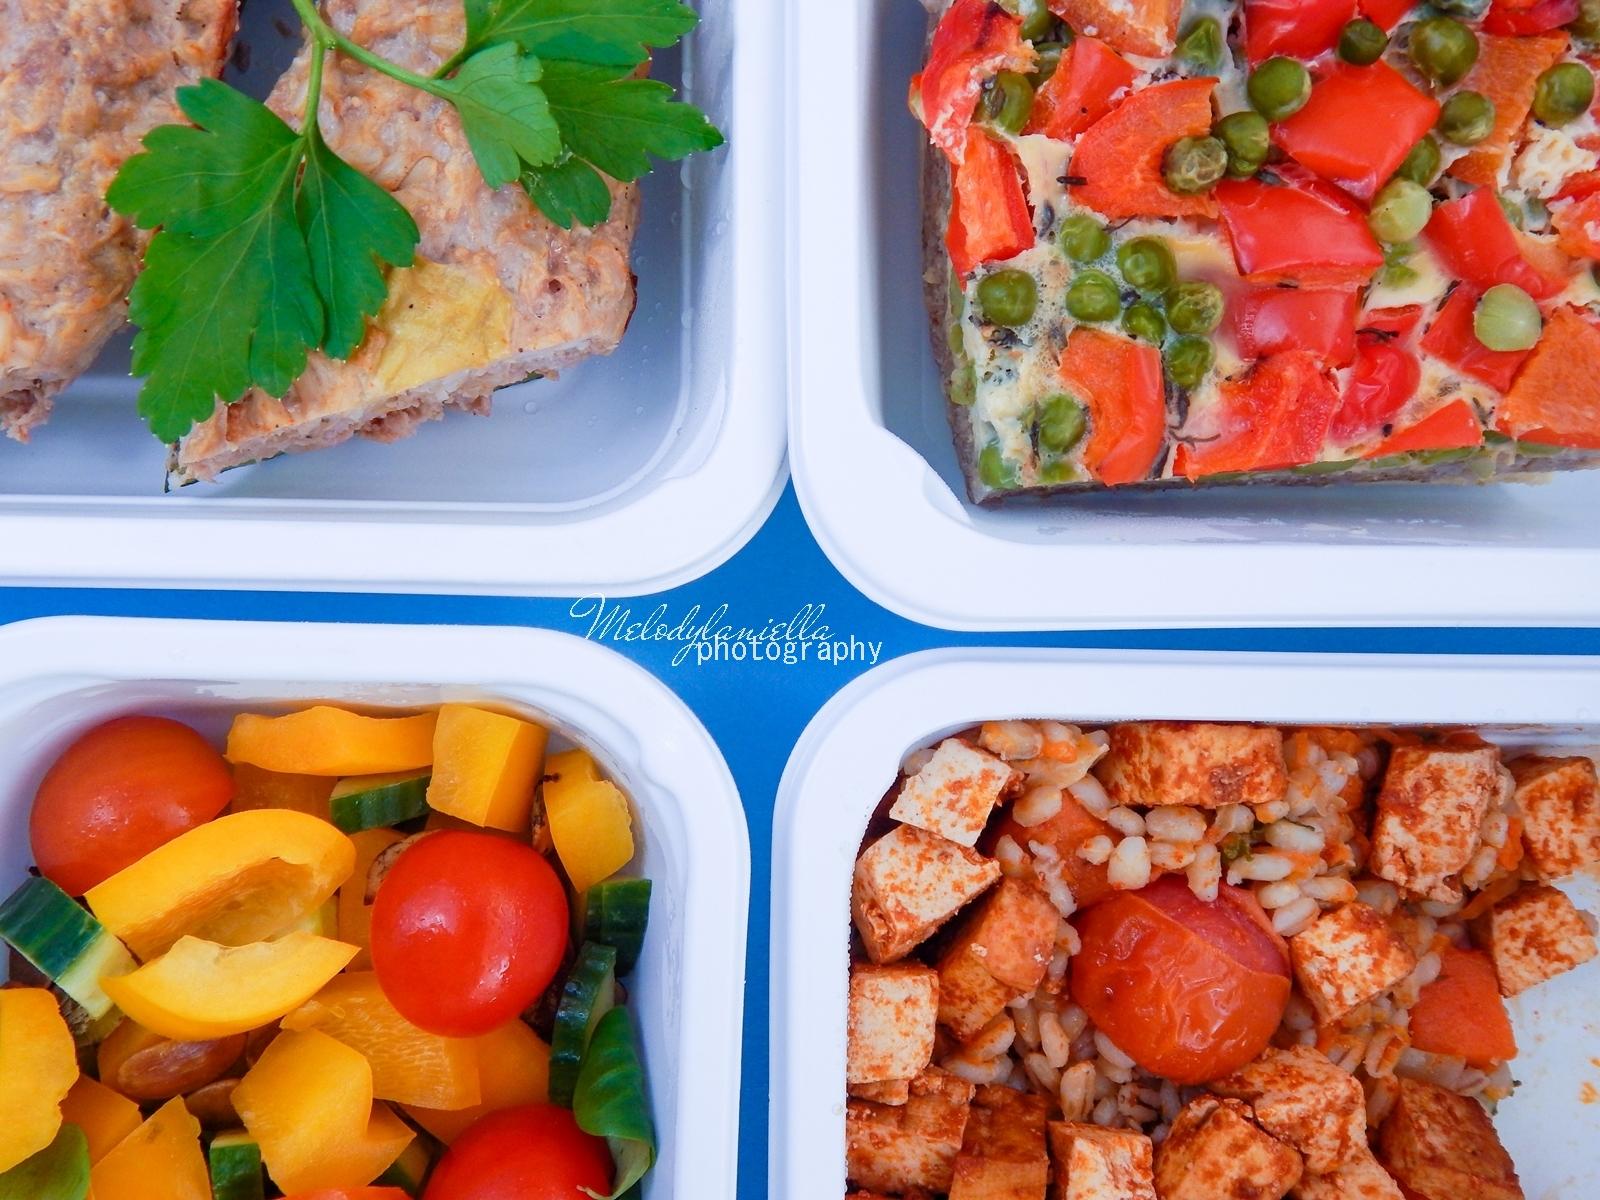 022 cateromarket dieta pudełkowa catering dietetyczny dieta jak przejść na dietę catering z dowozem do domu dieta kalorie melodylaniella dieta na cały dzień jedzenie na cały dzień catering do domu